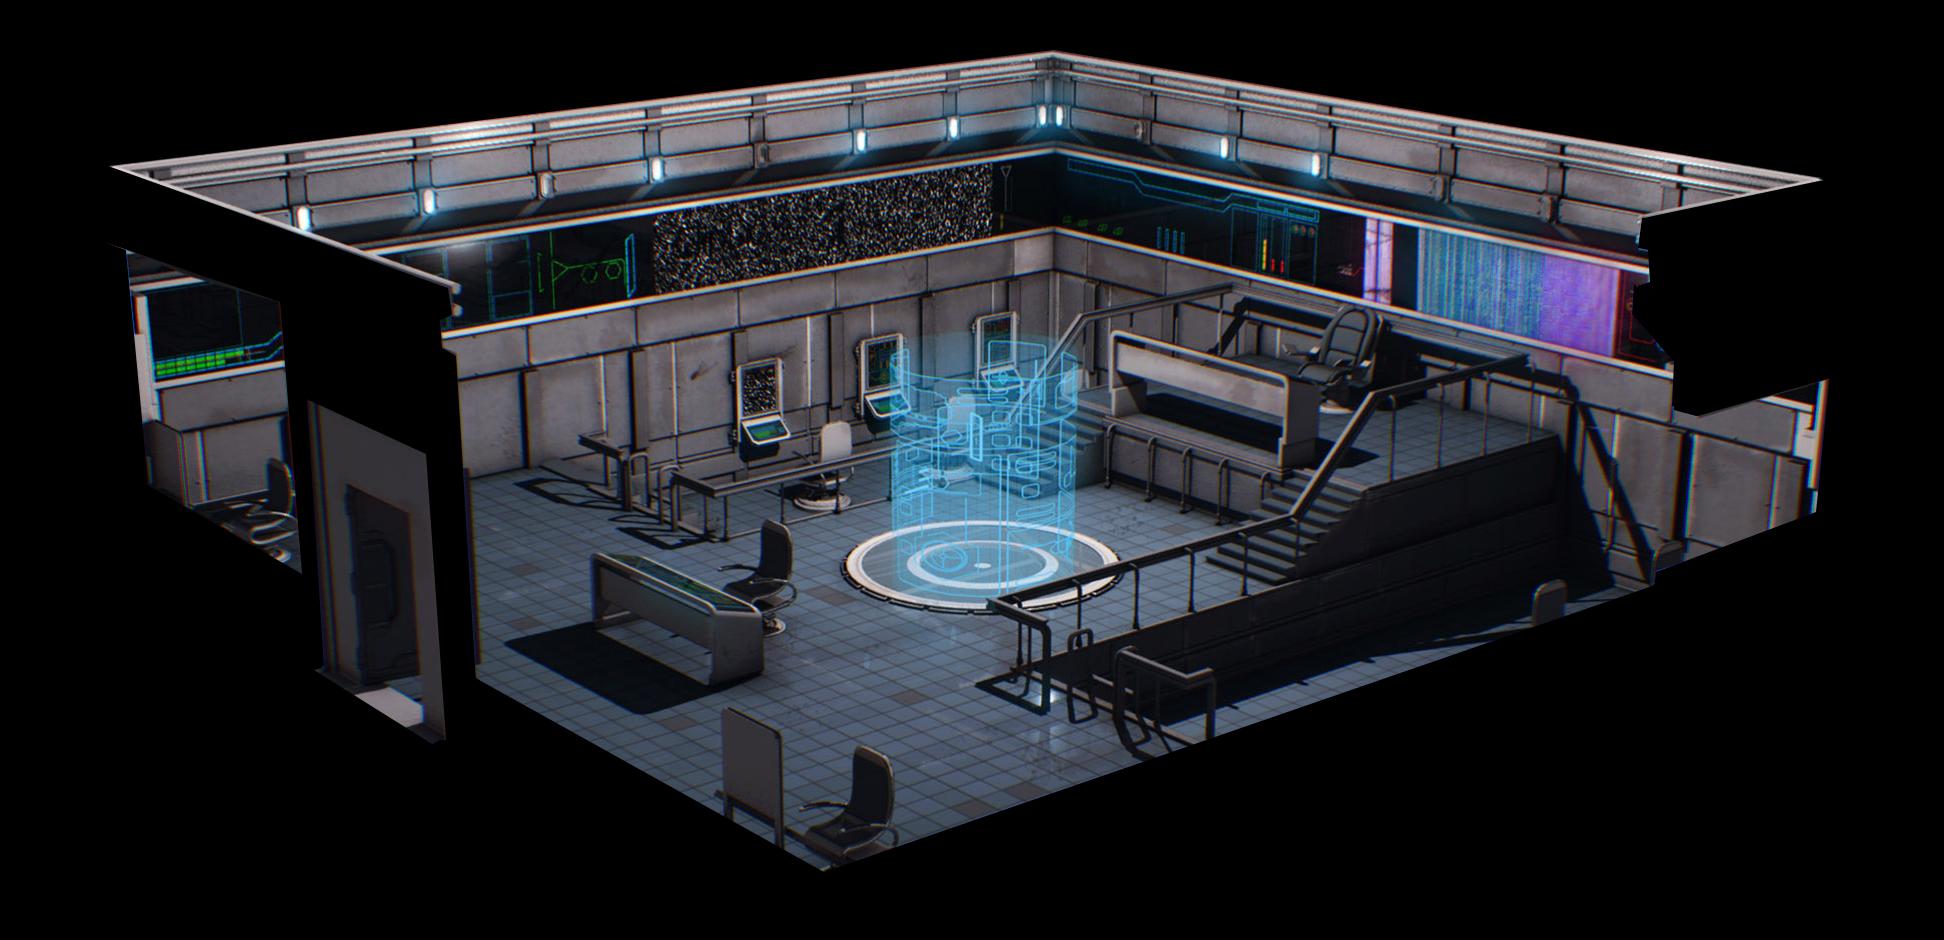 Terran Alliance Warship: Raptor's Wrath - Bridge 1